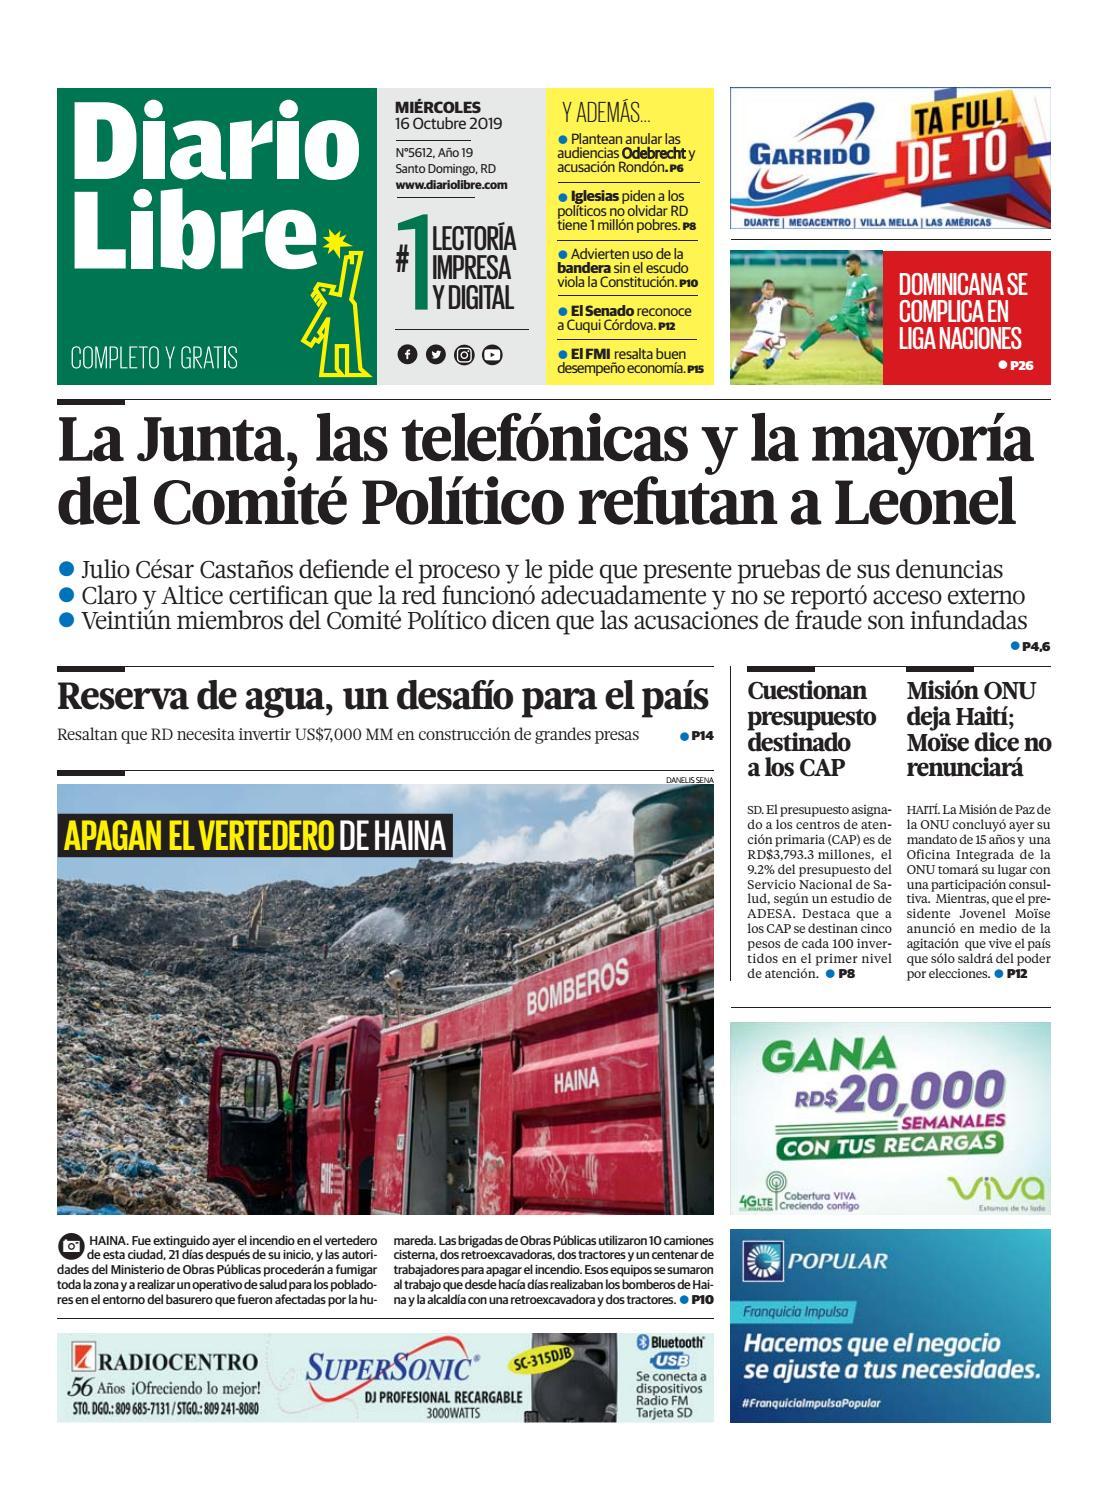 Portada Periódico Diario Libre, Miércoles 16 de Octubre, 2019